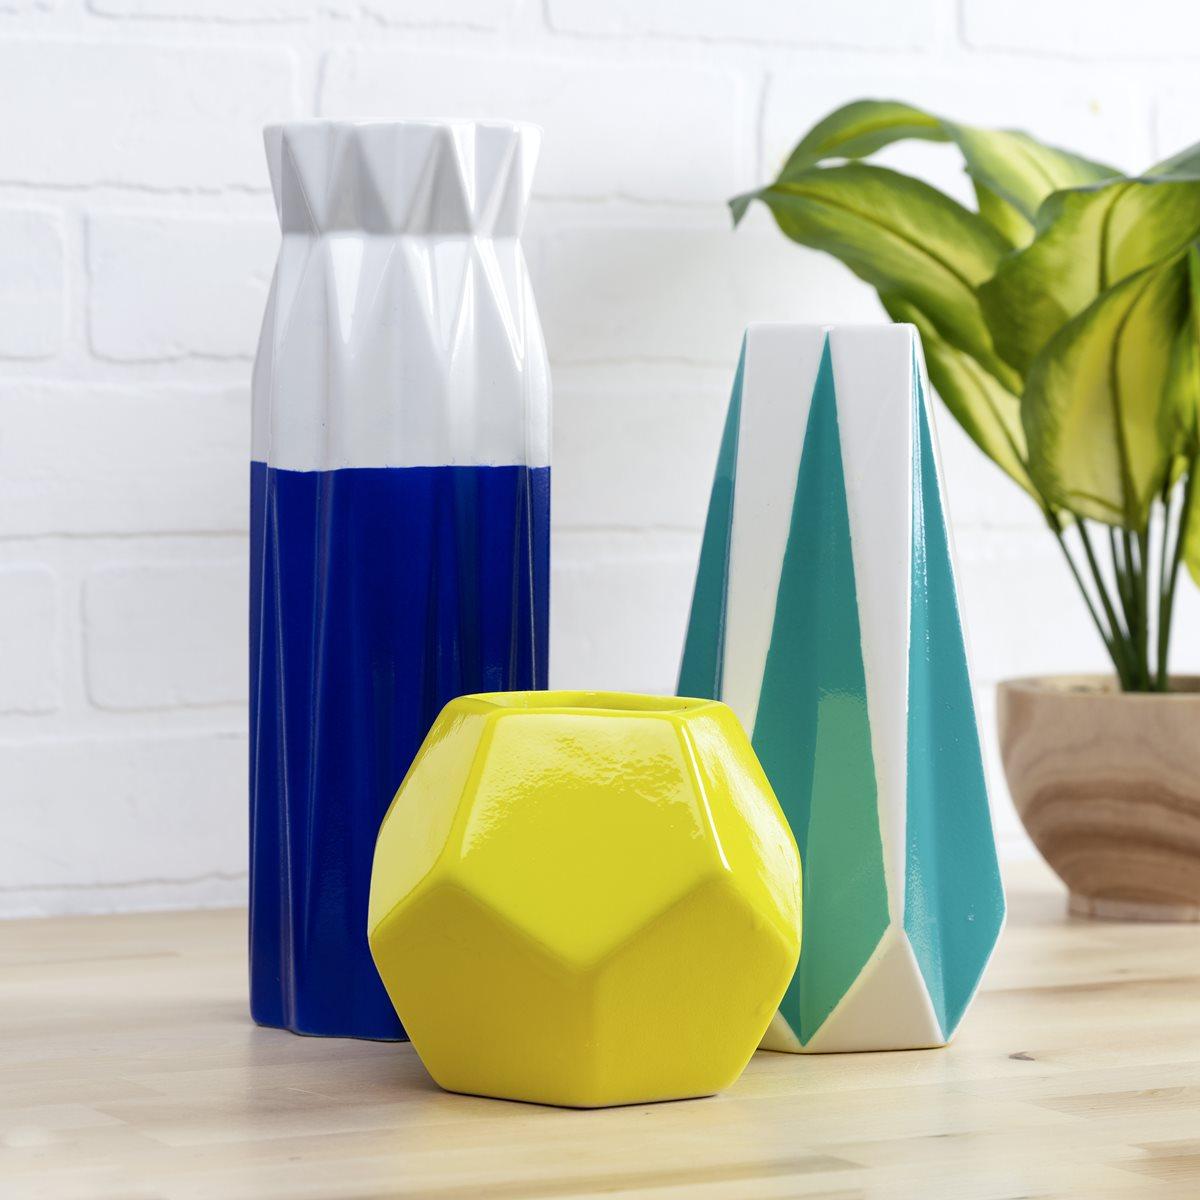 FolkArt Glossy Vases